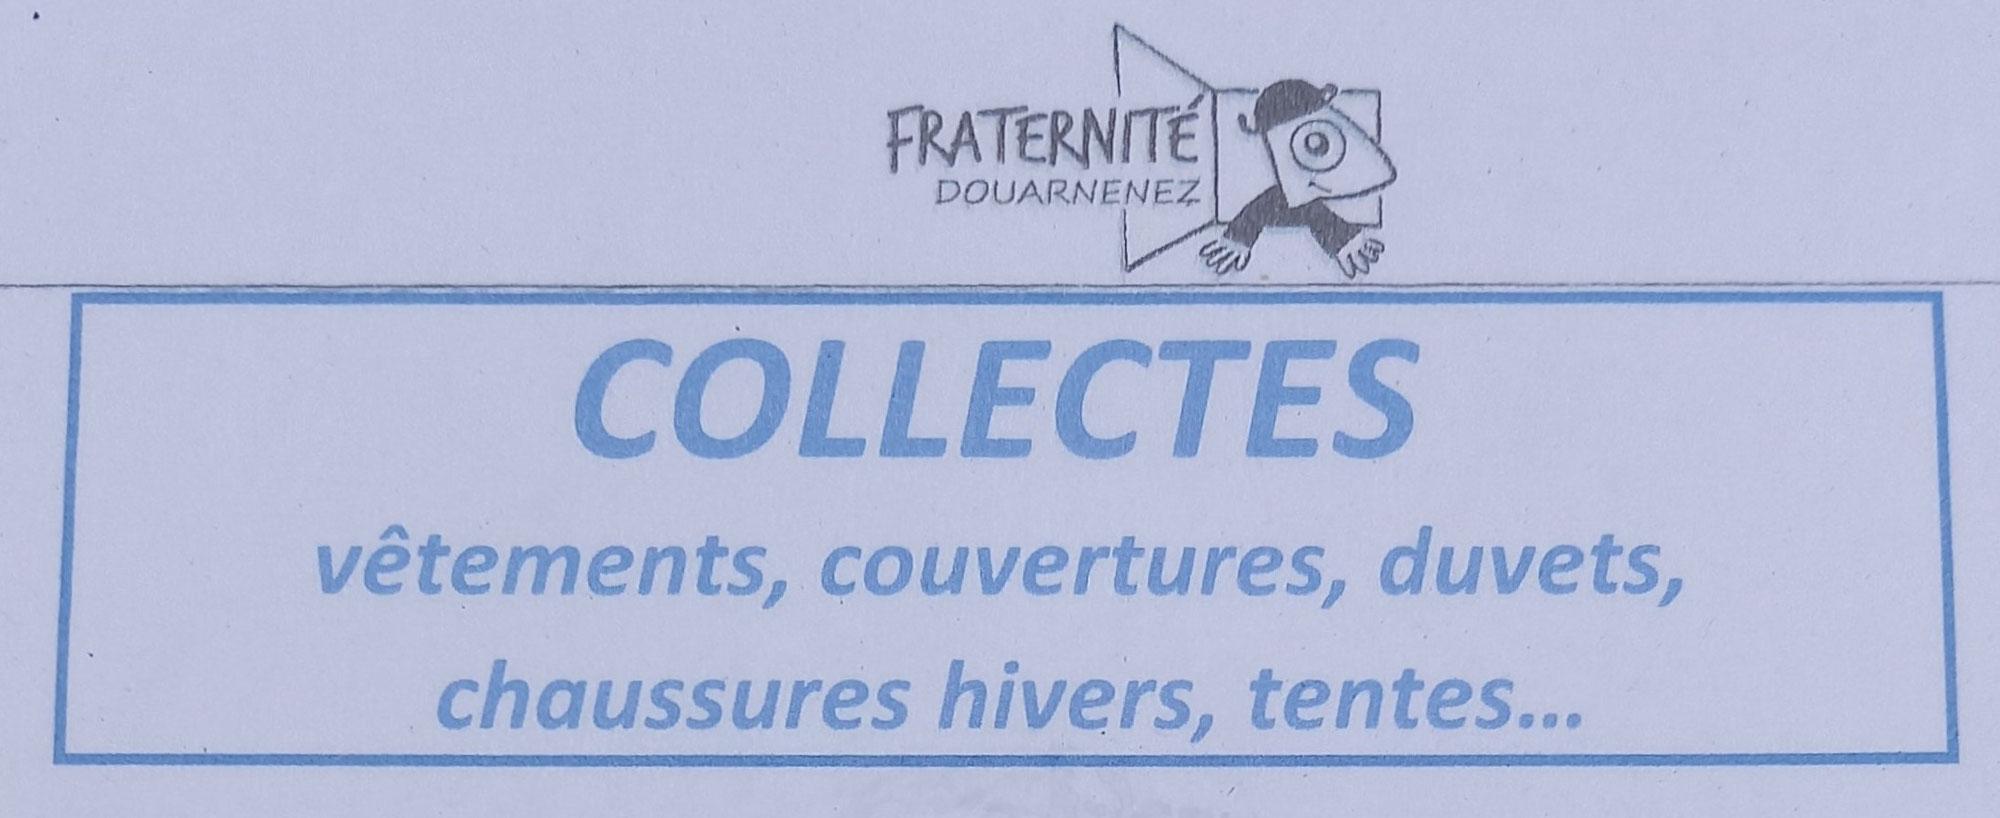 Collectes de Fraternité Douarnenez